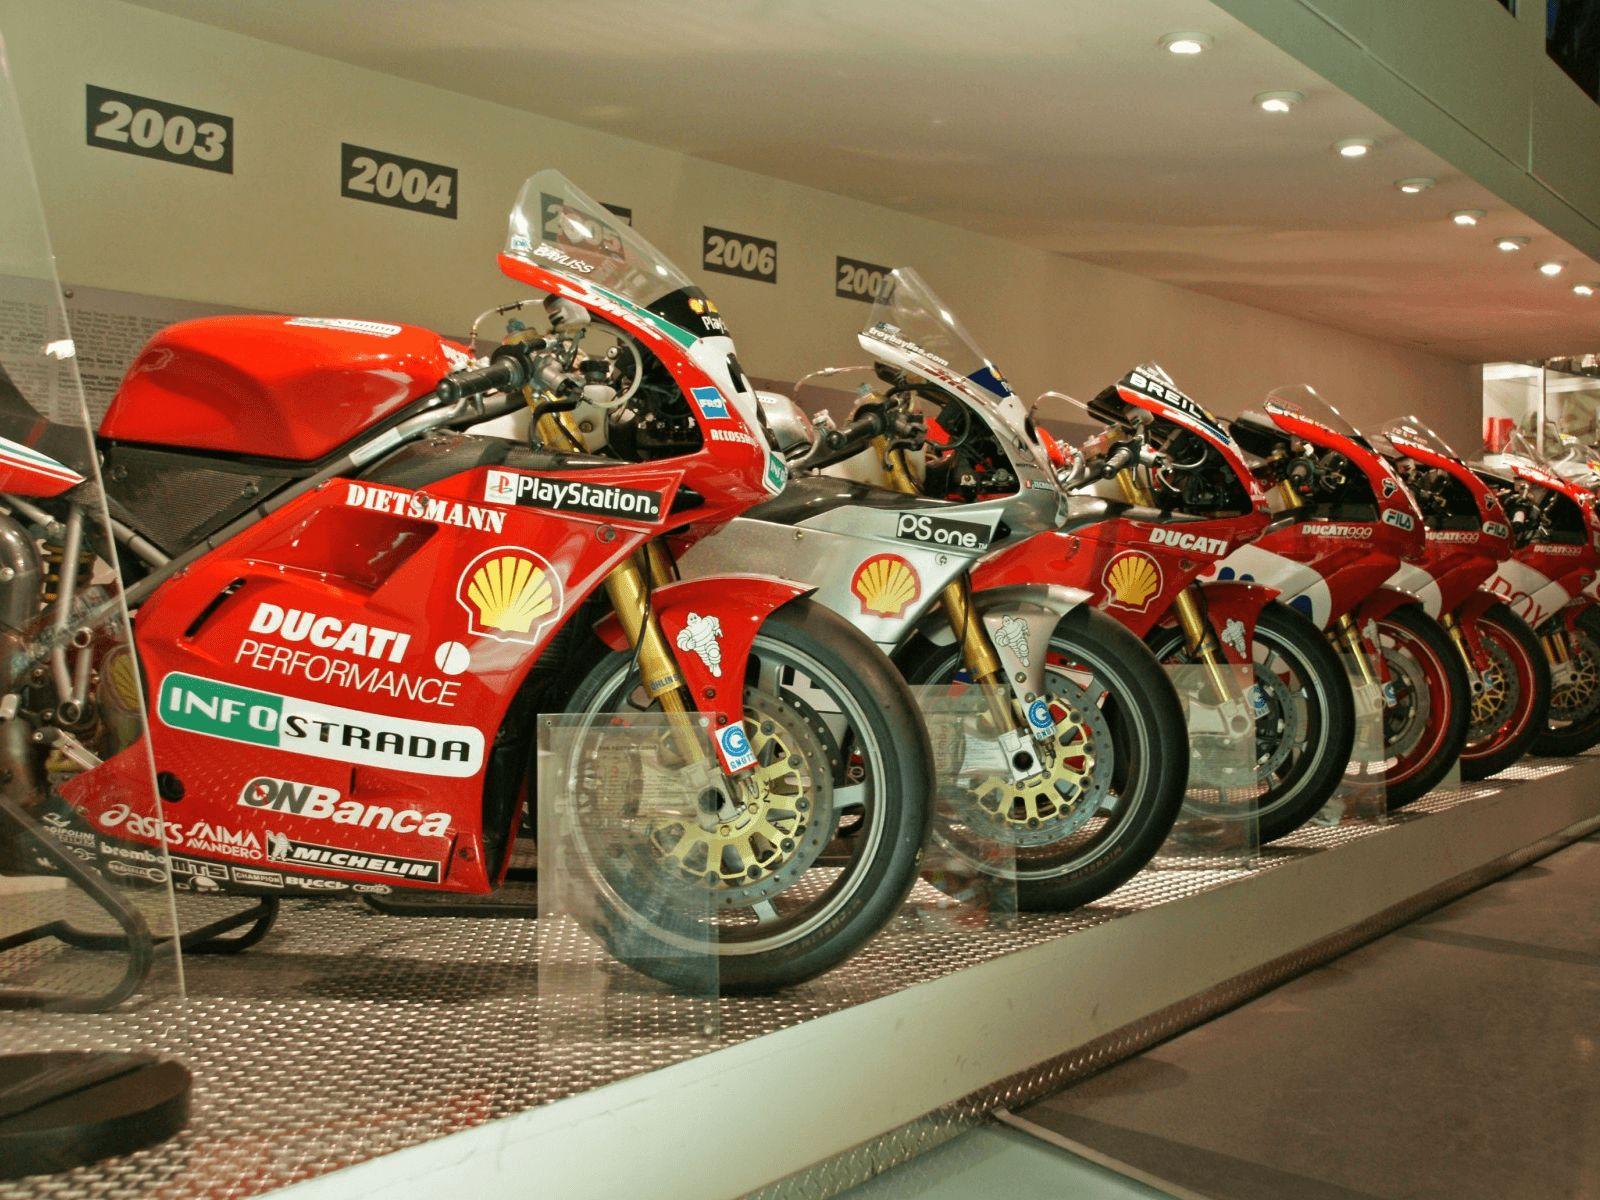 Španjolska i Rim: Bologna: Ducati muzej